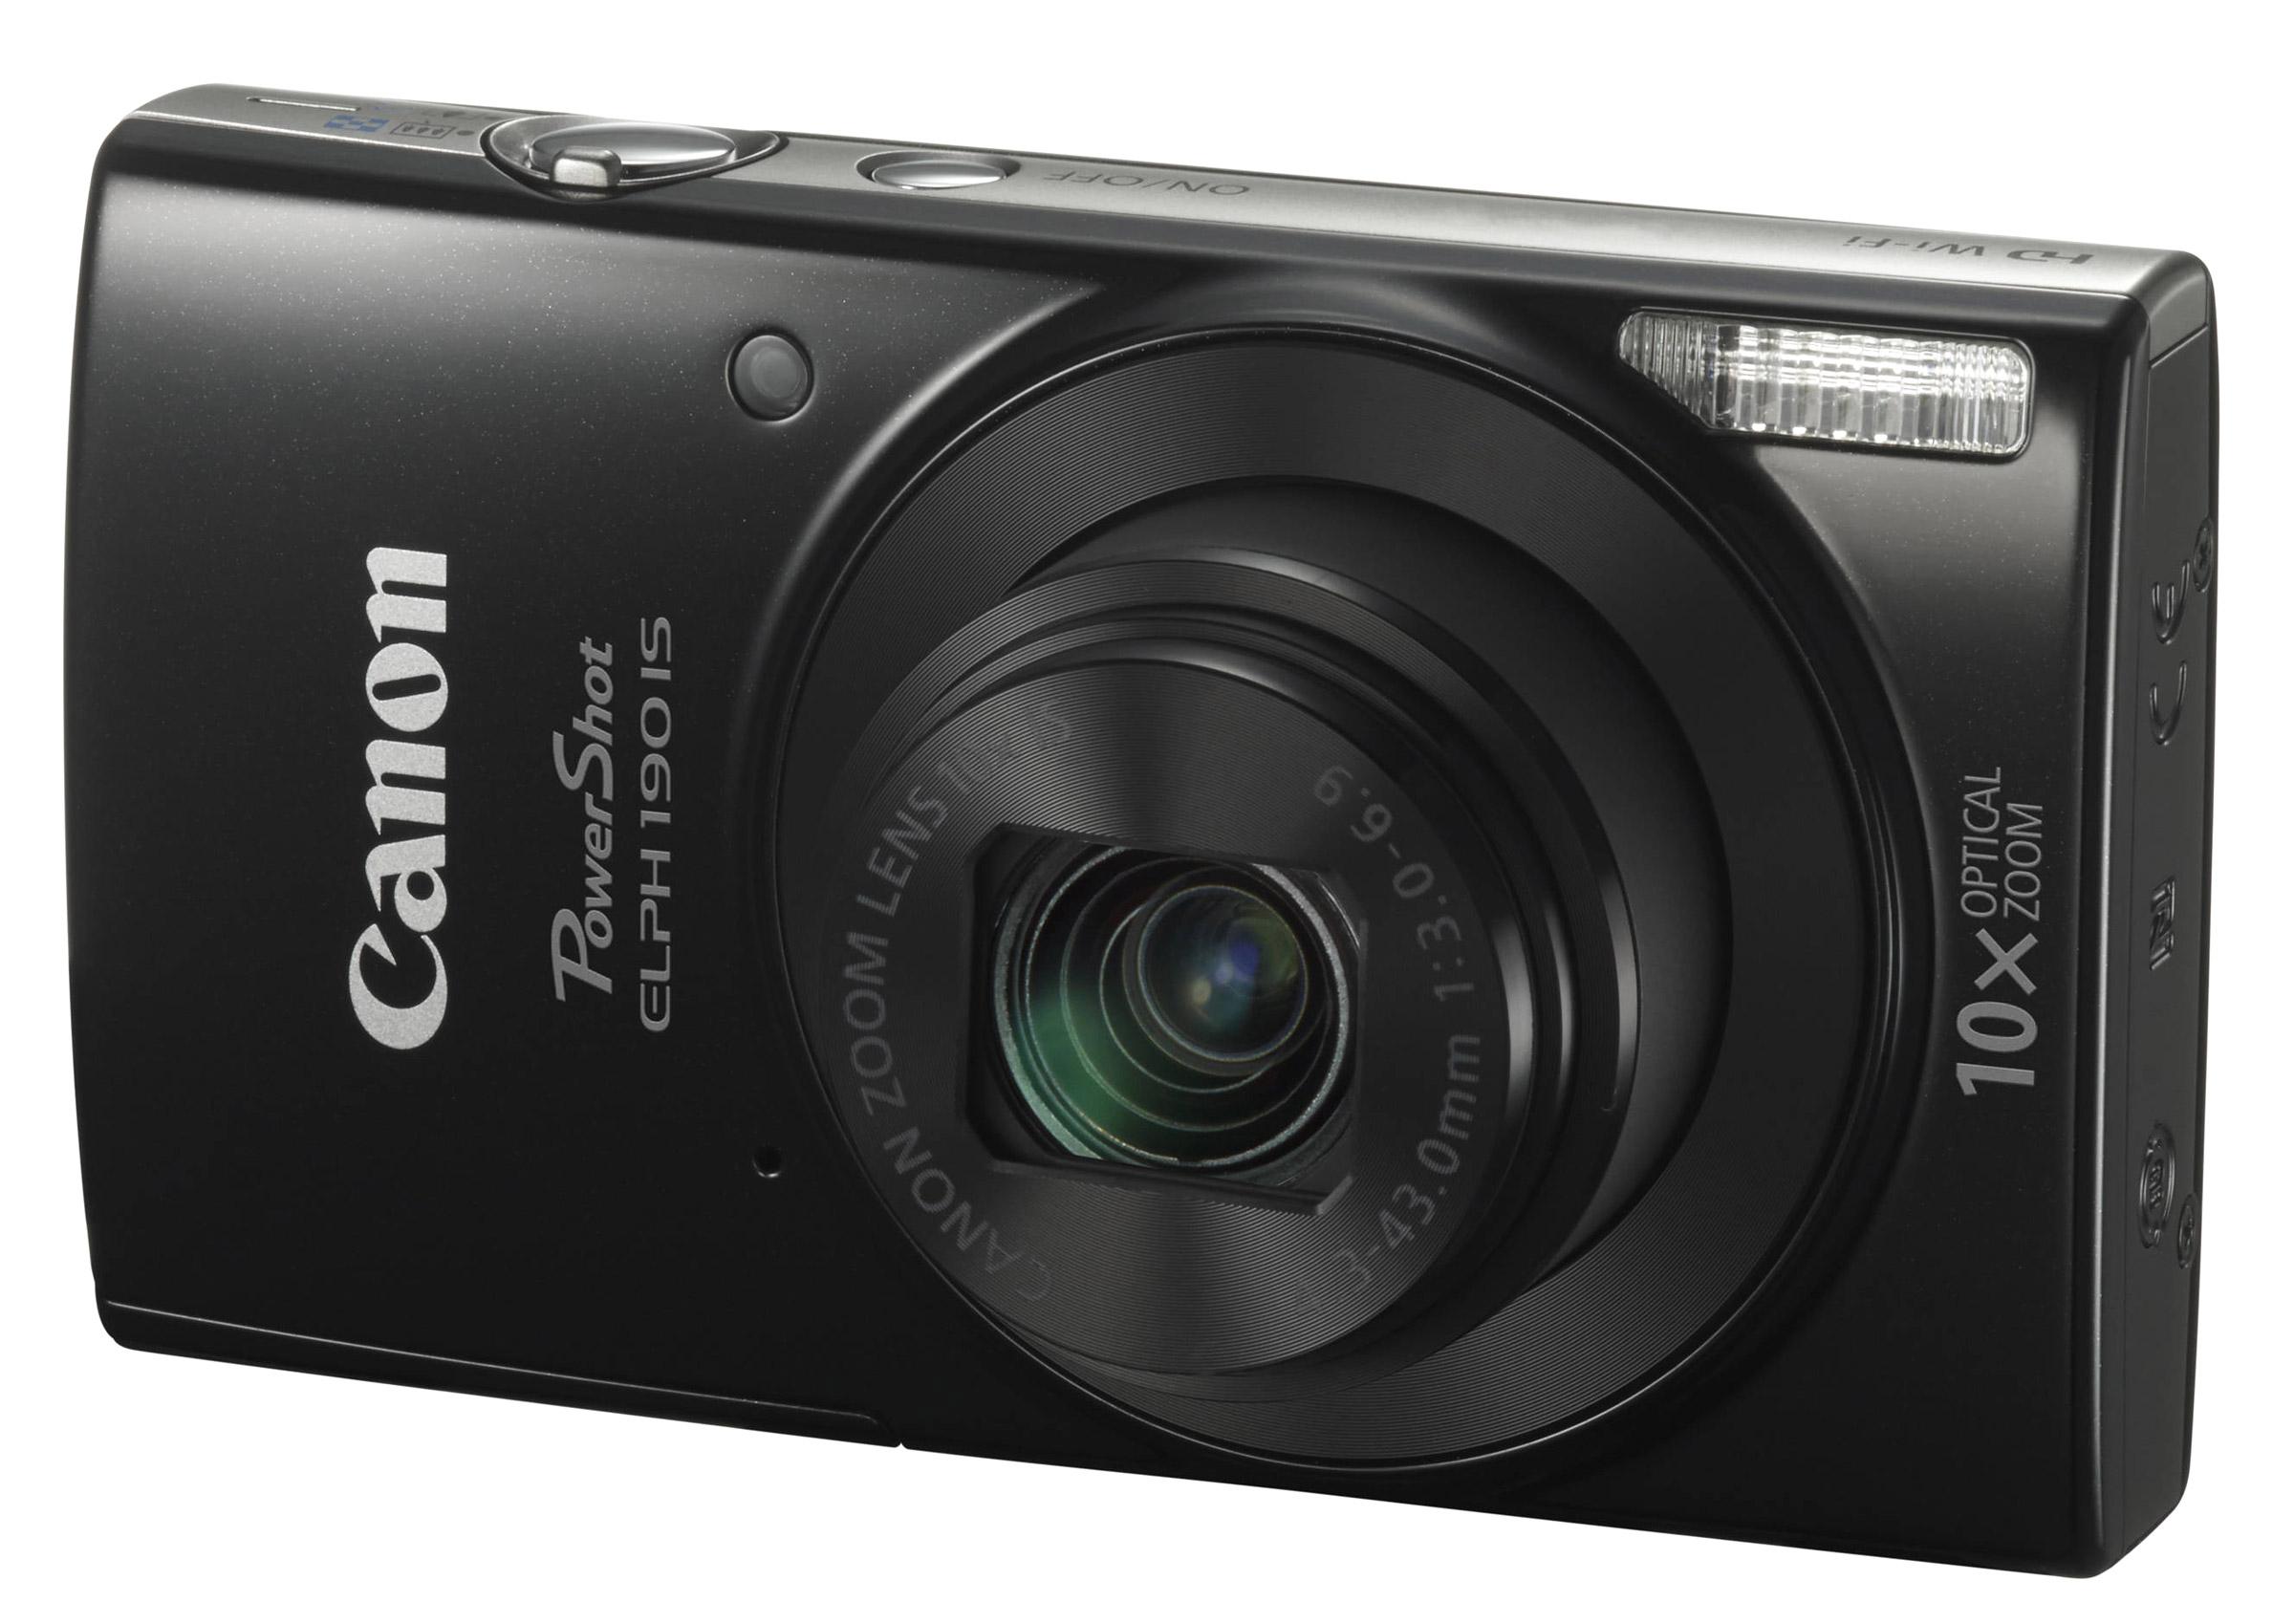 Canon Ixus 180 / Elph 190 IS